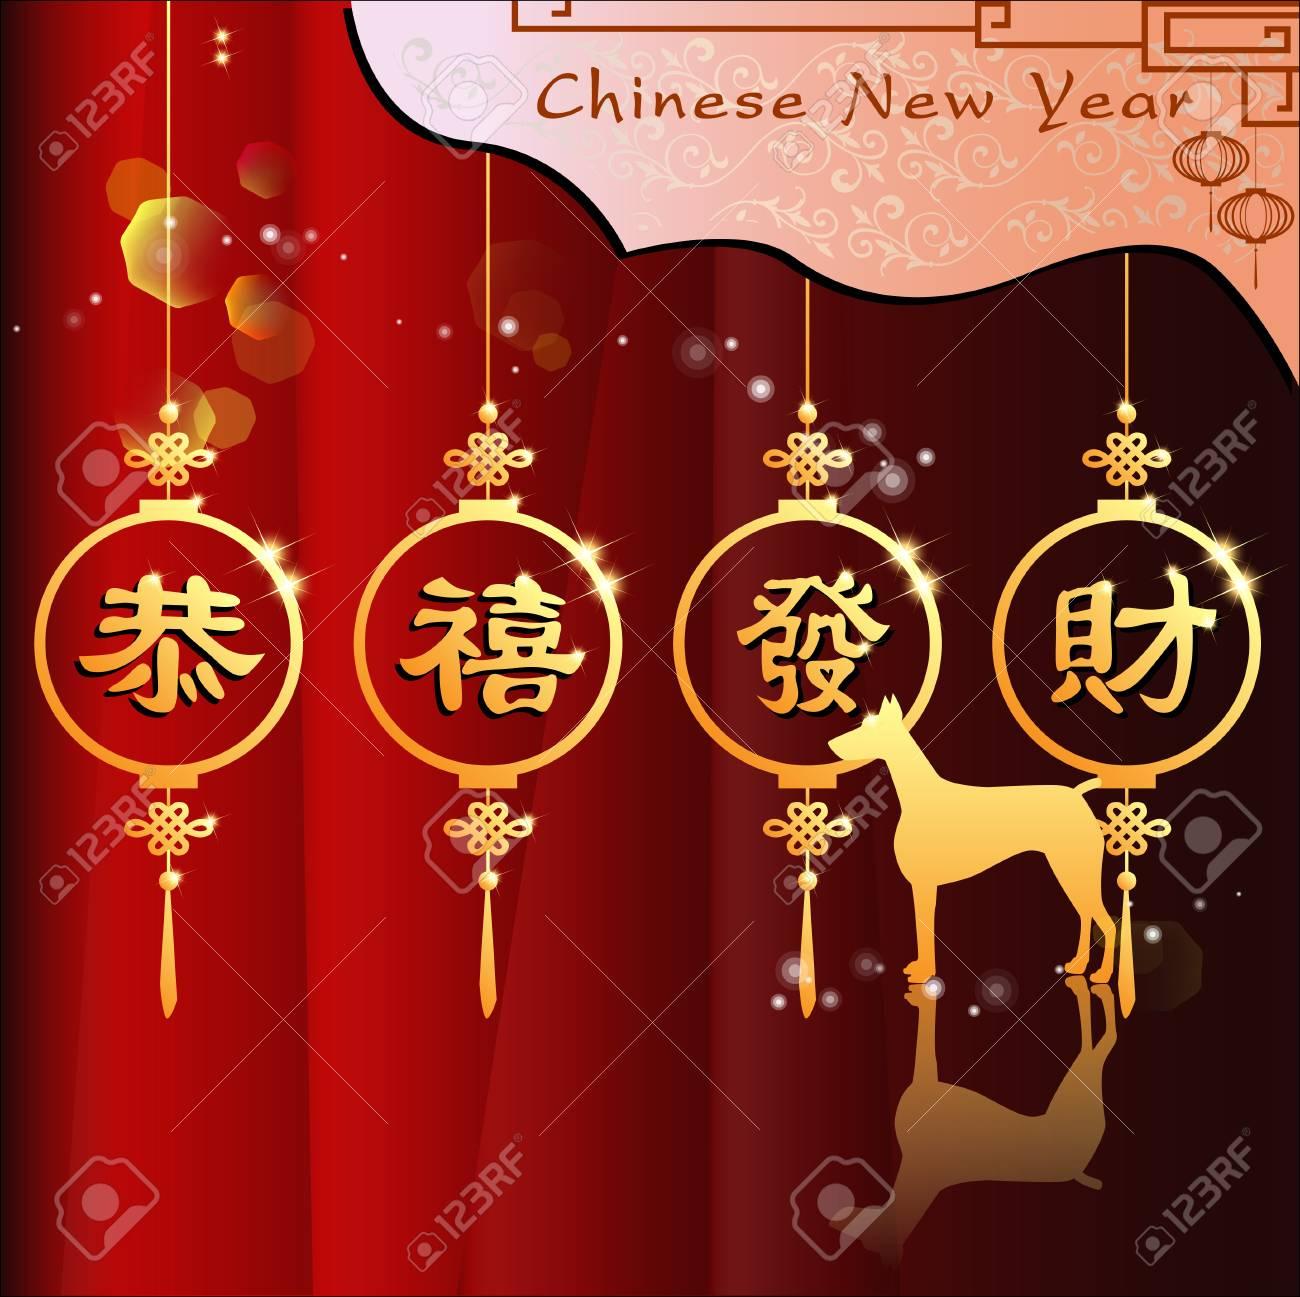 Año Nuevo Chino Abstracto 2018 Con Fraseología China Tradicional ...